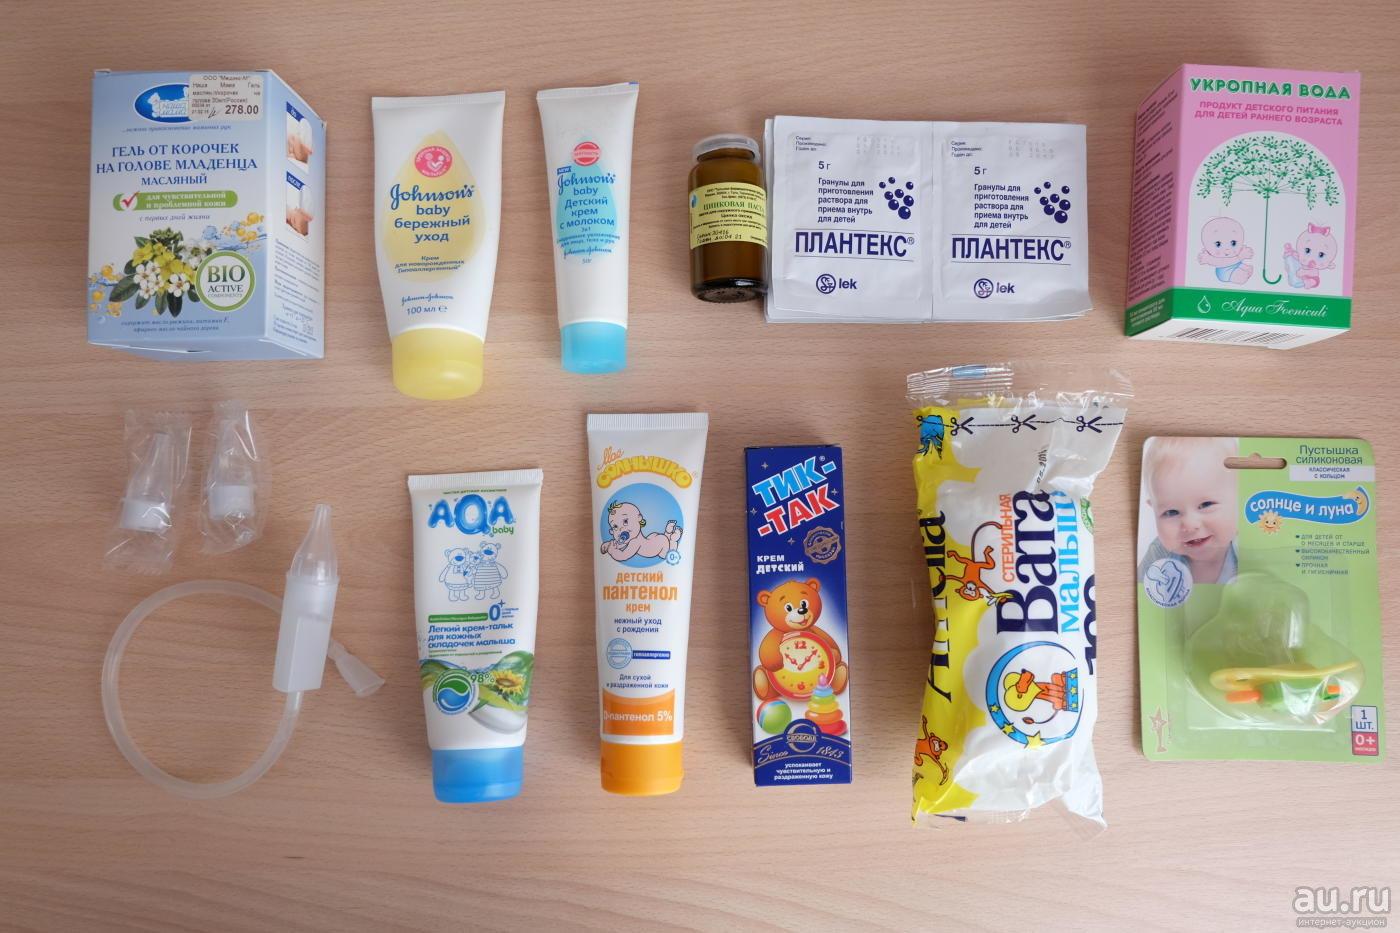 Крем для новорожденных: какие средства для ребенка с первых дней до года, можно ли мазать лицо и носик младенца, нужно ли это делать после купания грудничка?